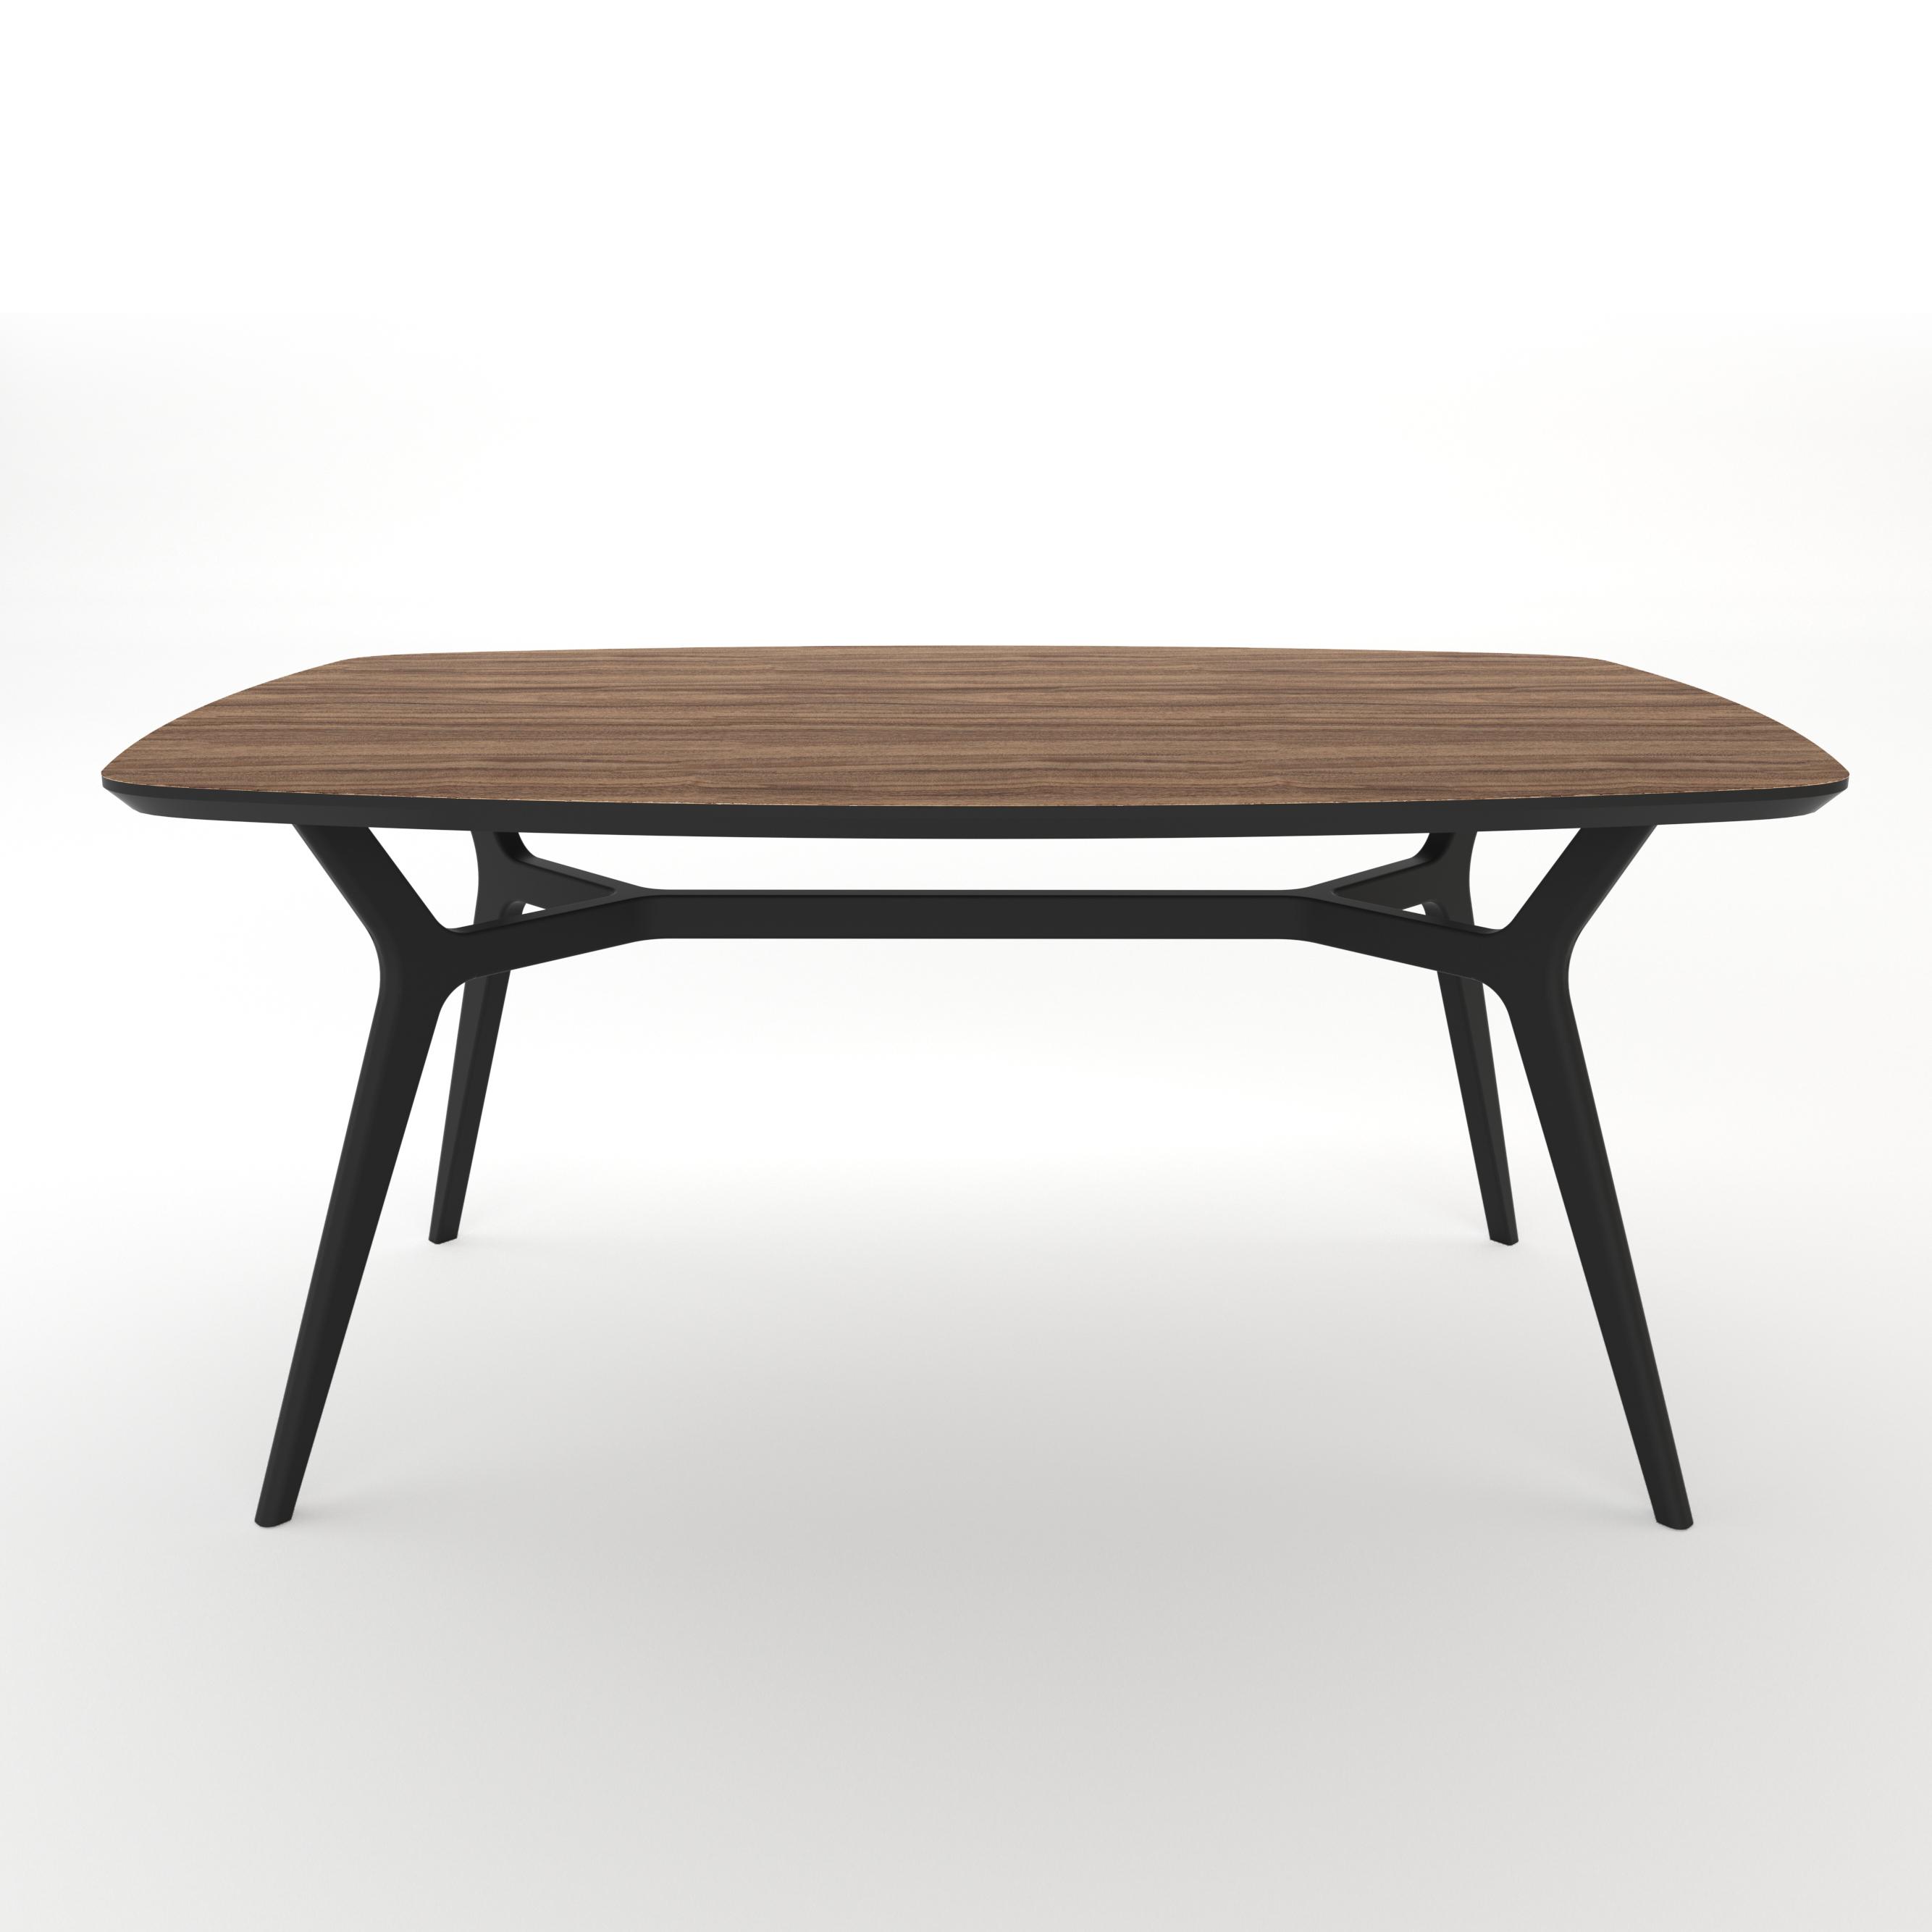 Стол JohannОбеденные столы<br>Тщательная проработка деталей и пропорций стола позволяет ему идеально вписаться в любой интерьер.&amp;amp;nbsp;&amp;lt;div&amp;gt;&amp;lt;br&amp;gt;&amp;lt;/div&amp;gt;&amp;lt;div&amp;gt;Отделка столешницы шпоном ореха, подстолье выкрашено в  цвет графит. Сборка не требуется. &amp;lt;/div&amp;gt;<br><br>Material: МДФ<br>Ширина см: 160.0<br>Высота см: 75.0<br>Глубина см: 90.0